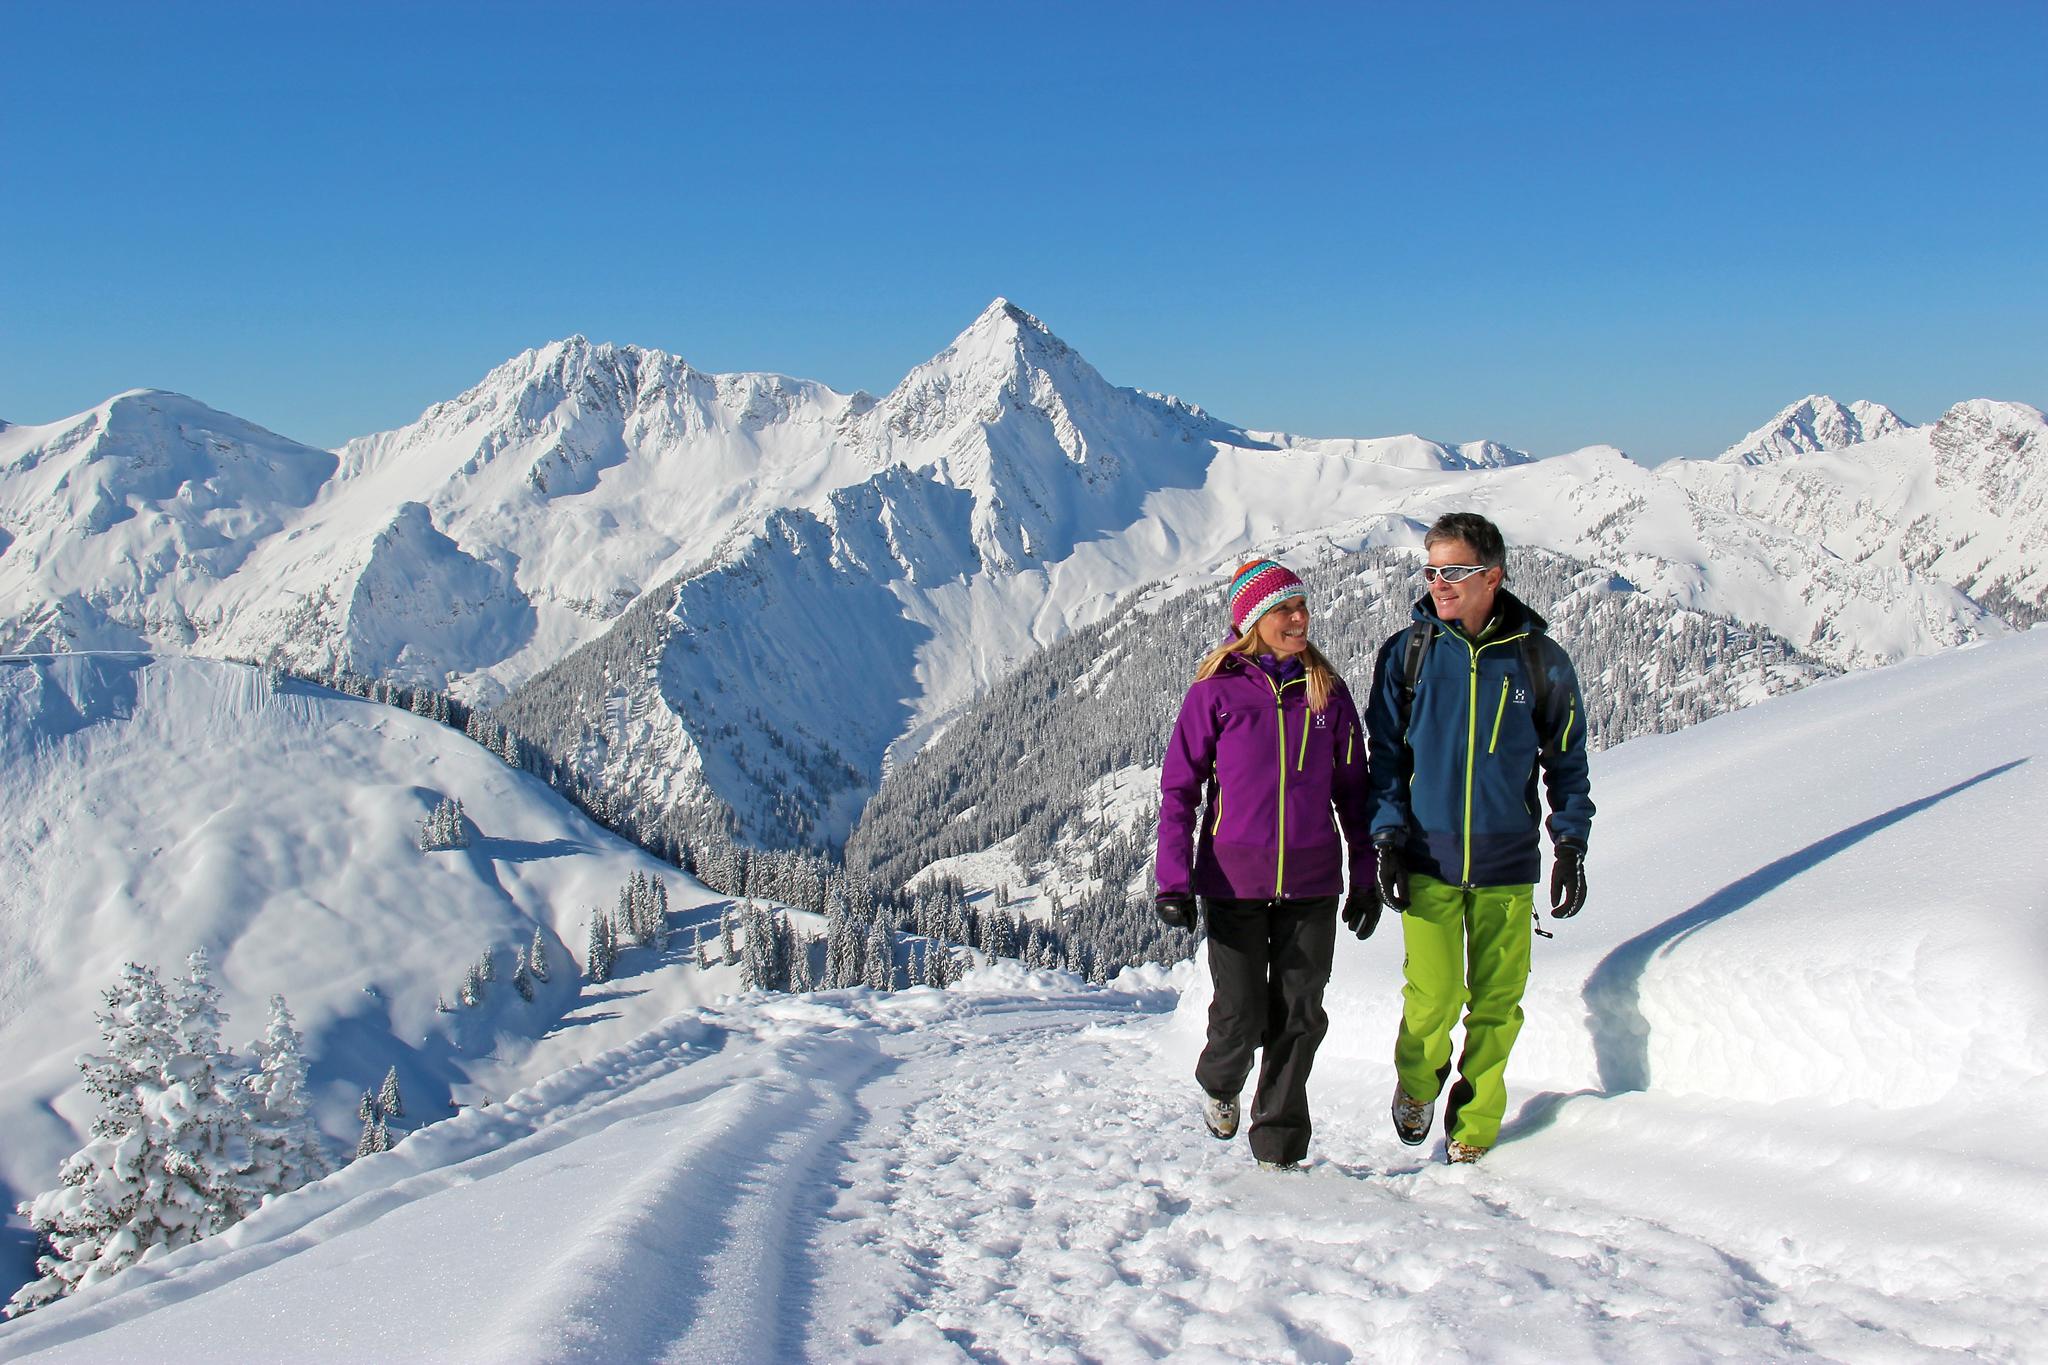 """Winterwandern im Tannheimer Tal bei herrlicher Aussicht auf die Tiroler Bergwelt. Mit """"Winterbergbahnen inklusive"""" vom 8.-25. Januar und 12.-15. März 2018 sind die Lifttickets inklusive. © Michael Keller"""